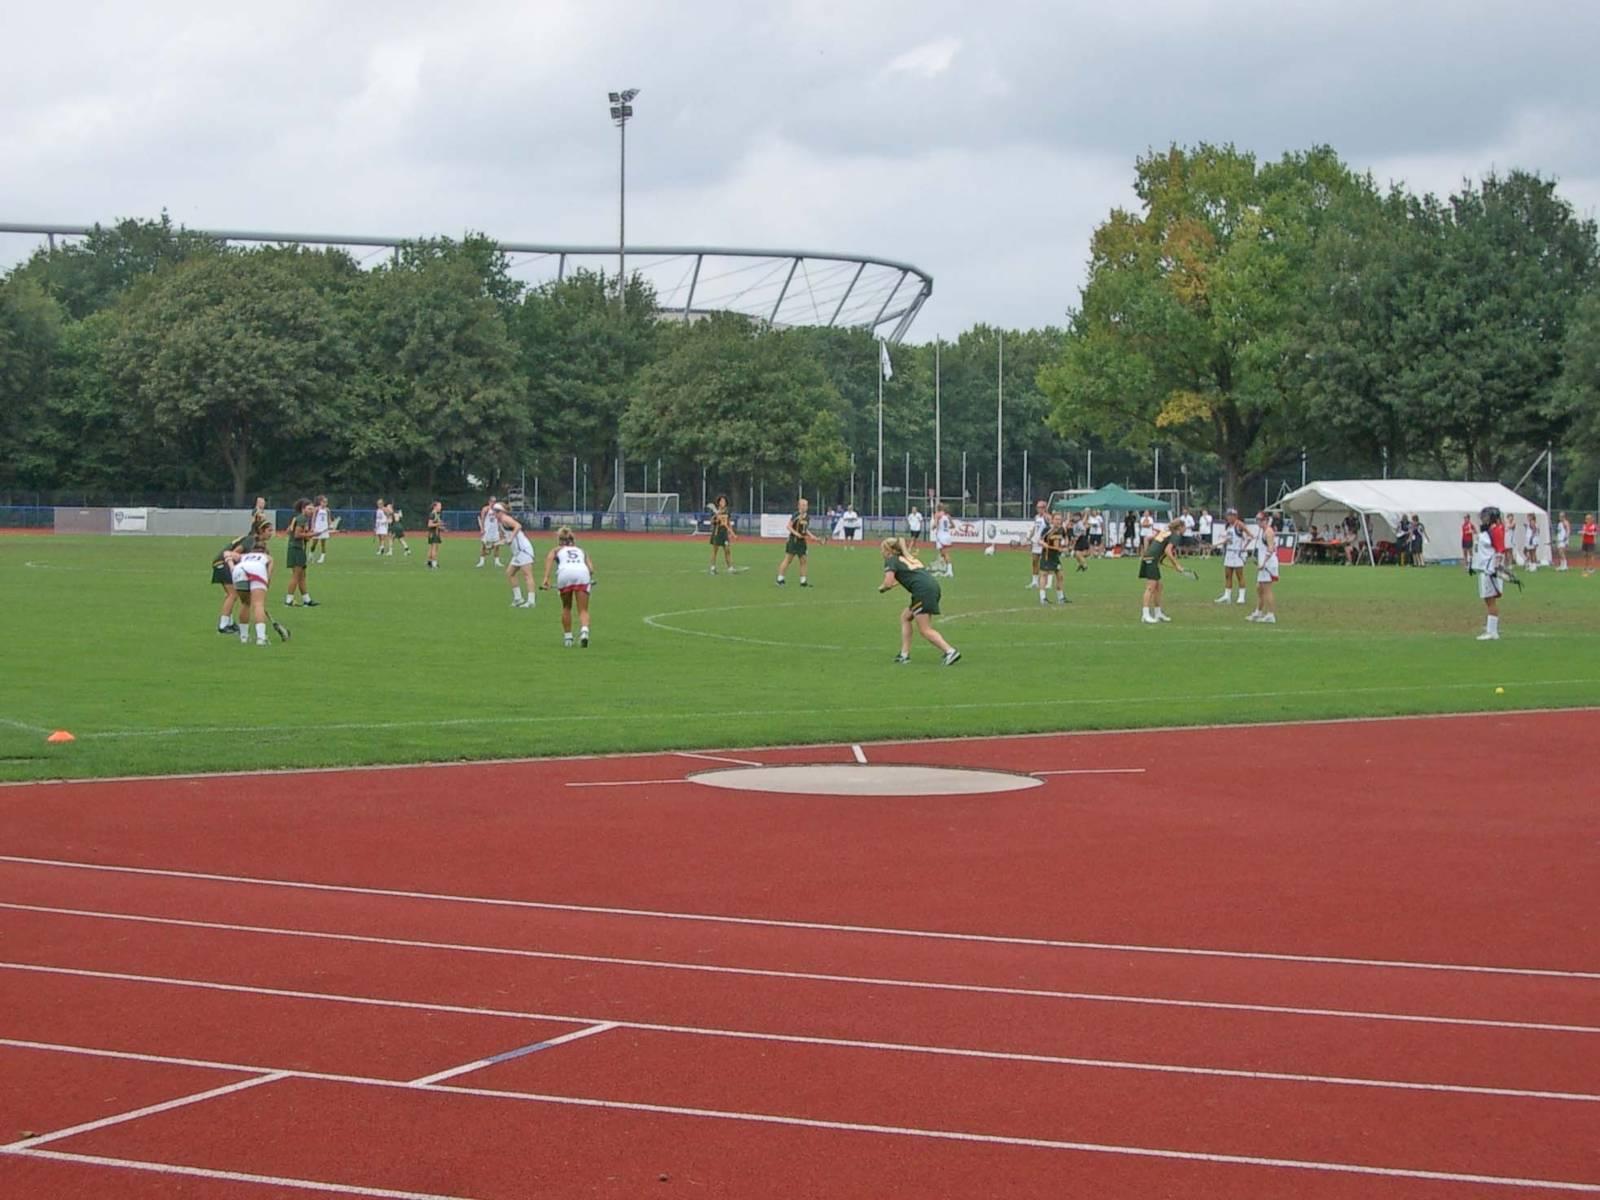 Ein Sportplatz.